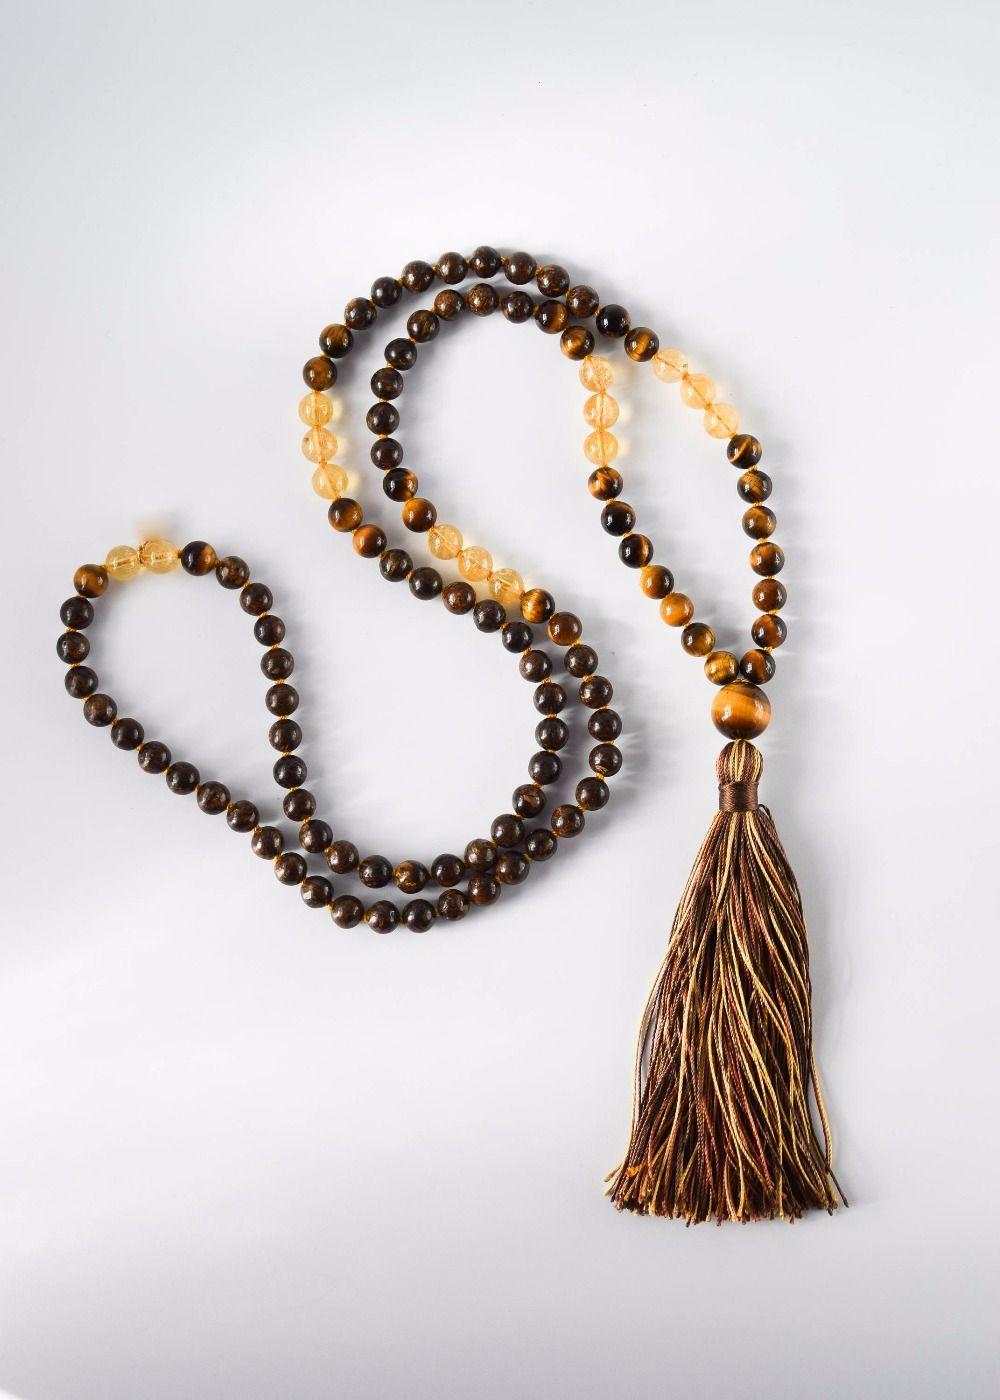 108 Mala Contas Colar de Quartzo Amarelo Natural Pedra de Olho de Tigre Colar Colares Dos Homens Oração Yoga Colares de Meditação